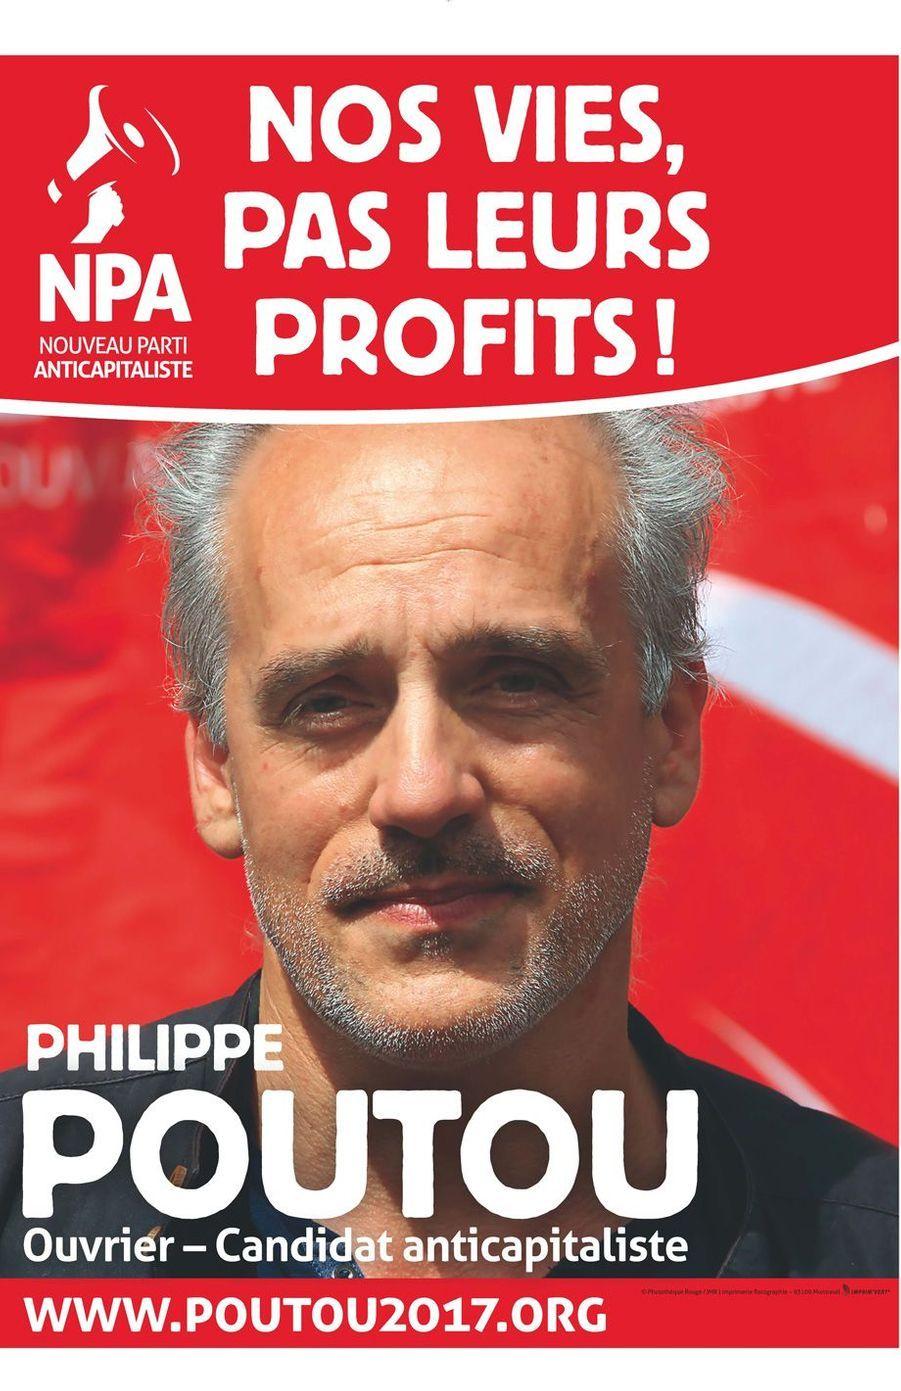 Philippe Poutou (Nouveau parti anticapitaliste).